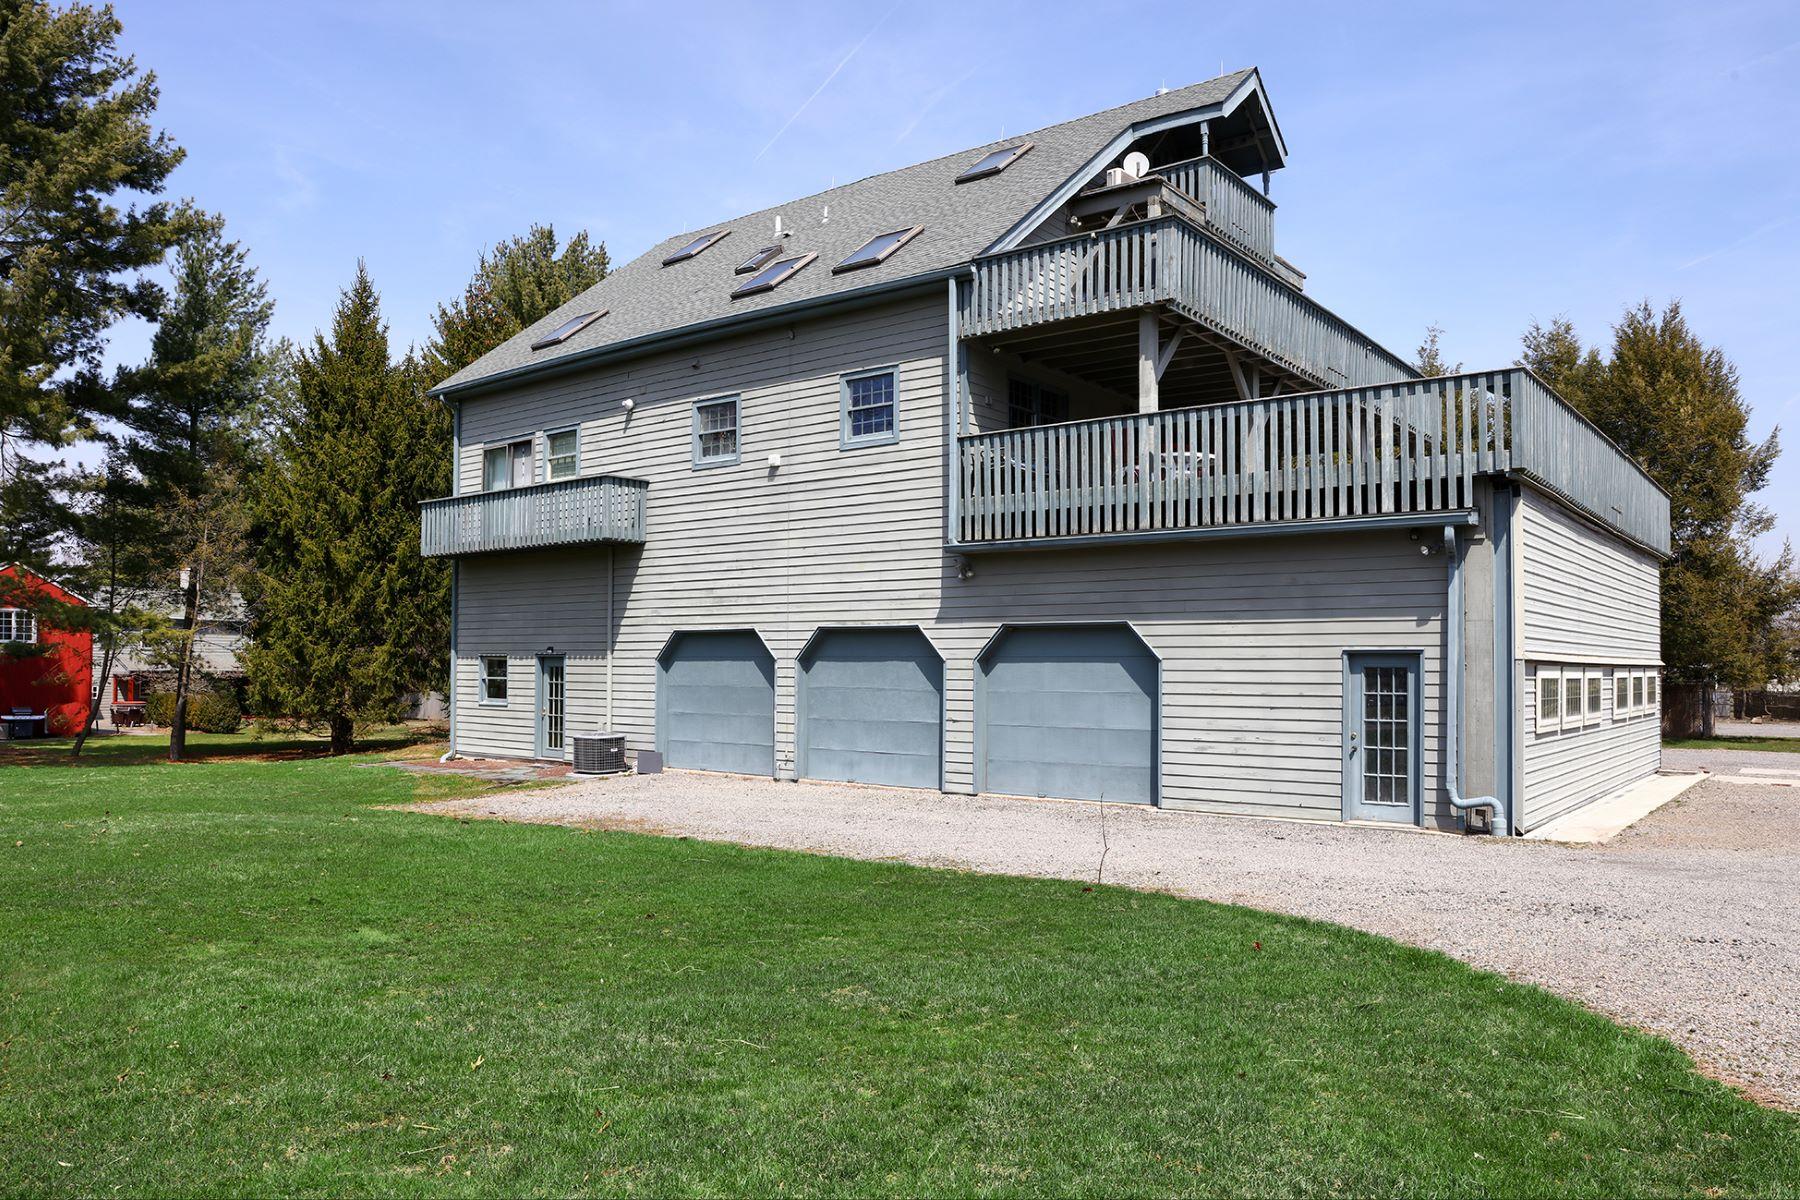 Casa Multifamiliar por un Venta en Income Producing 258 Wertsville Road, Ringoes, Nueva Jersey 08551 Estados UnidosEn/Alrededor: East Amwell Township